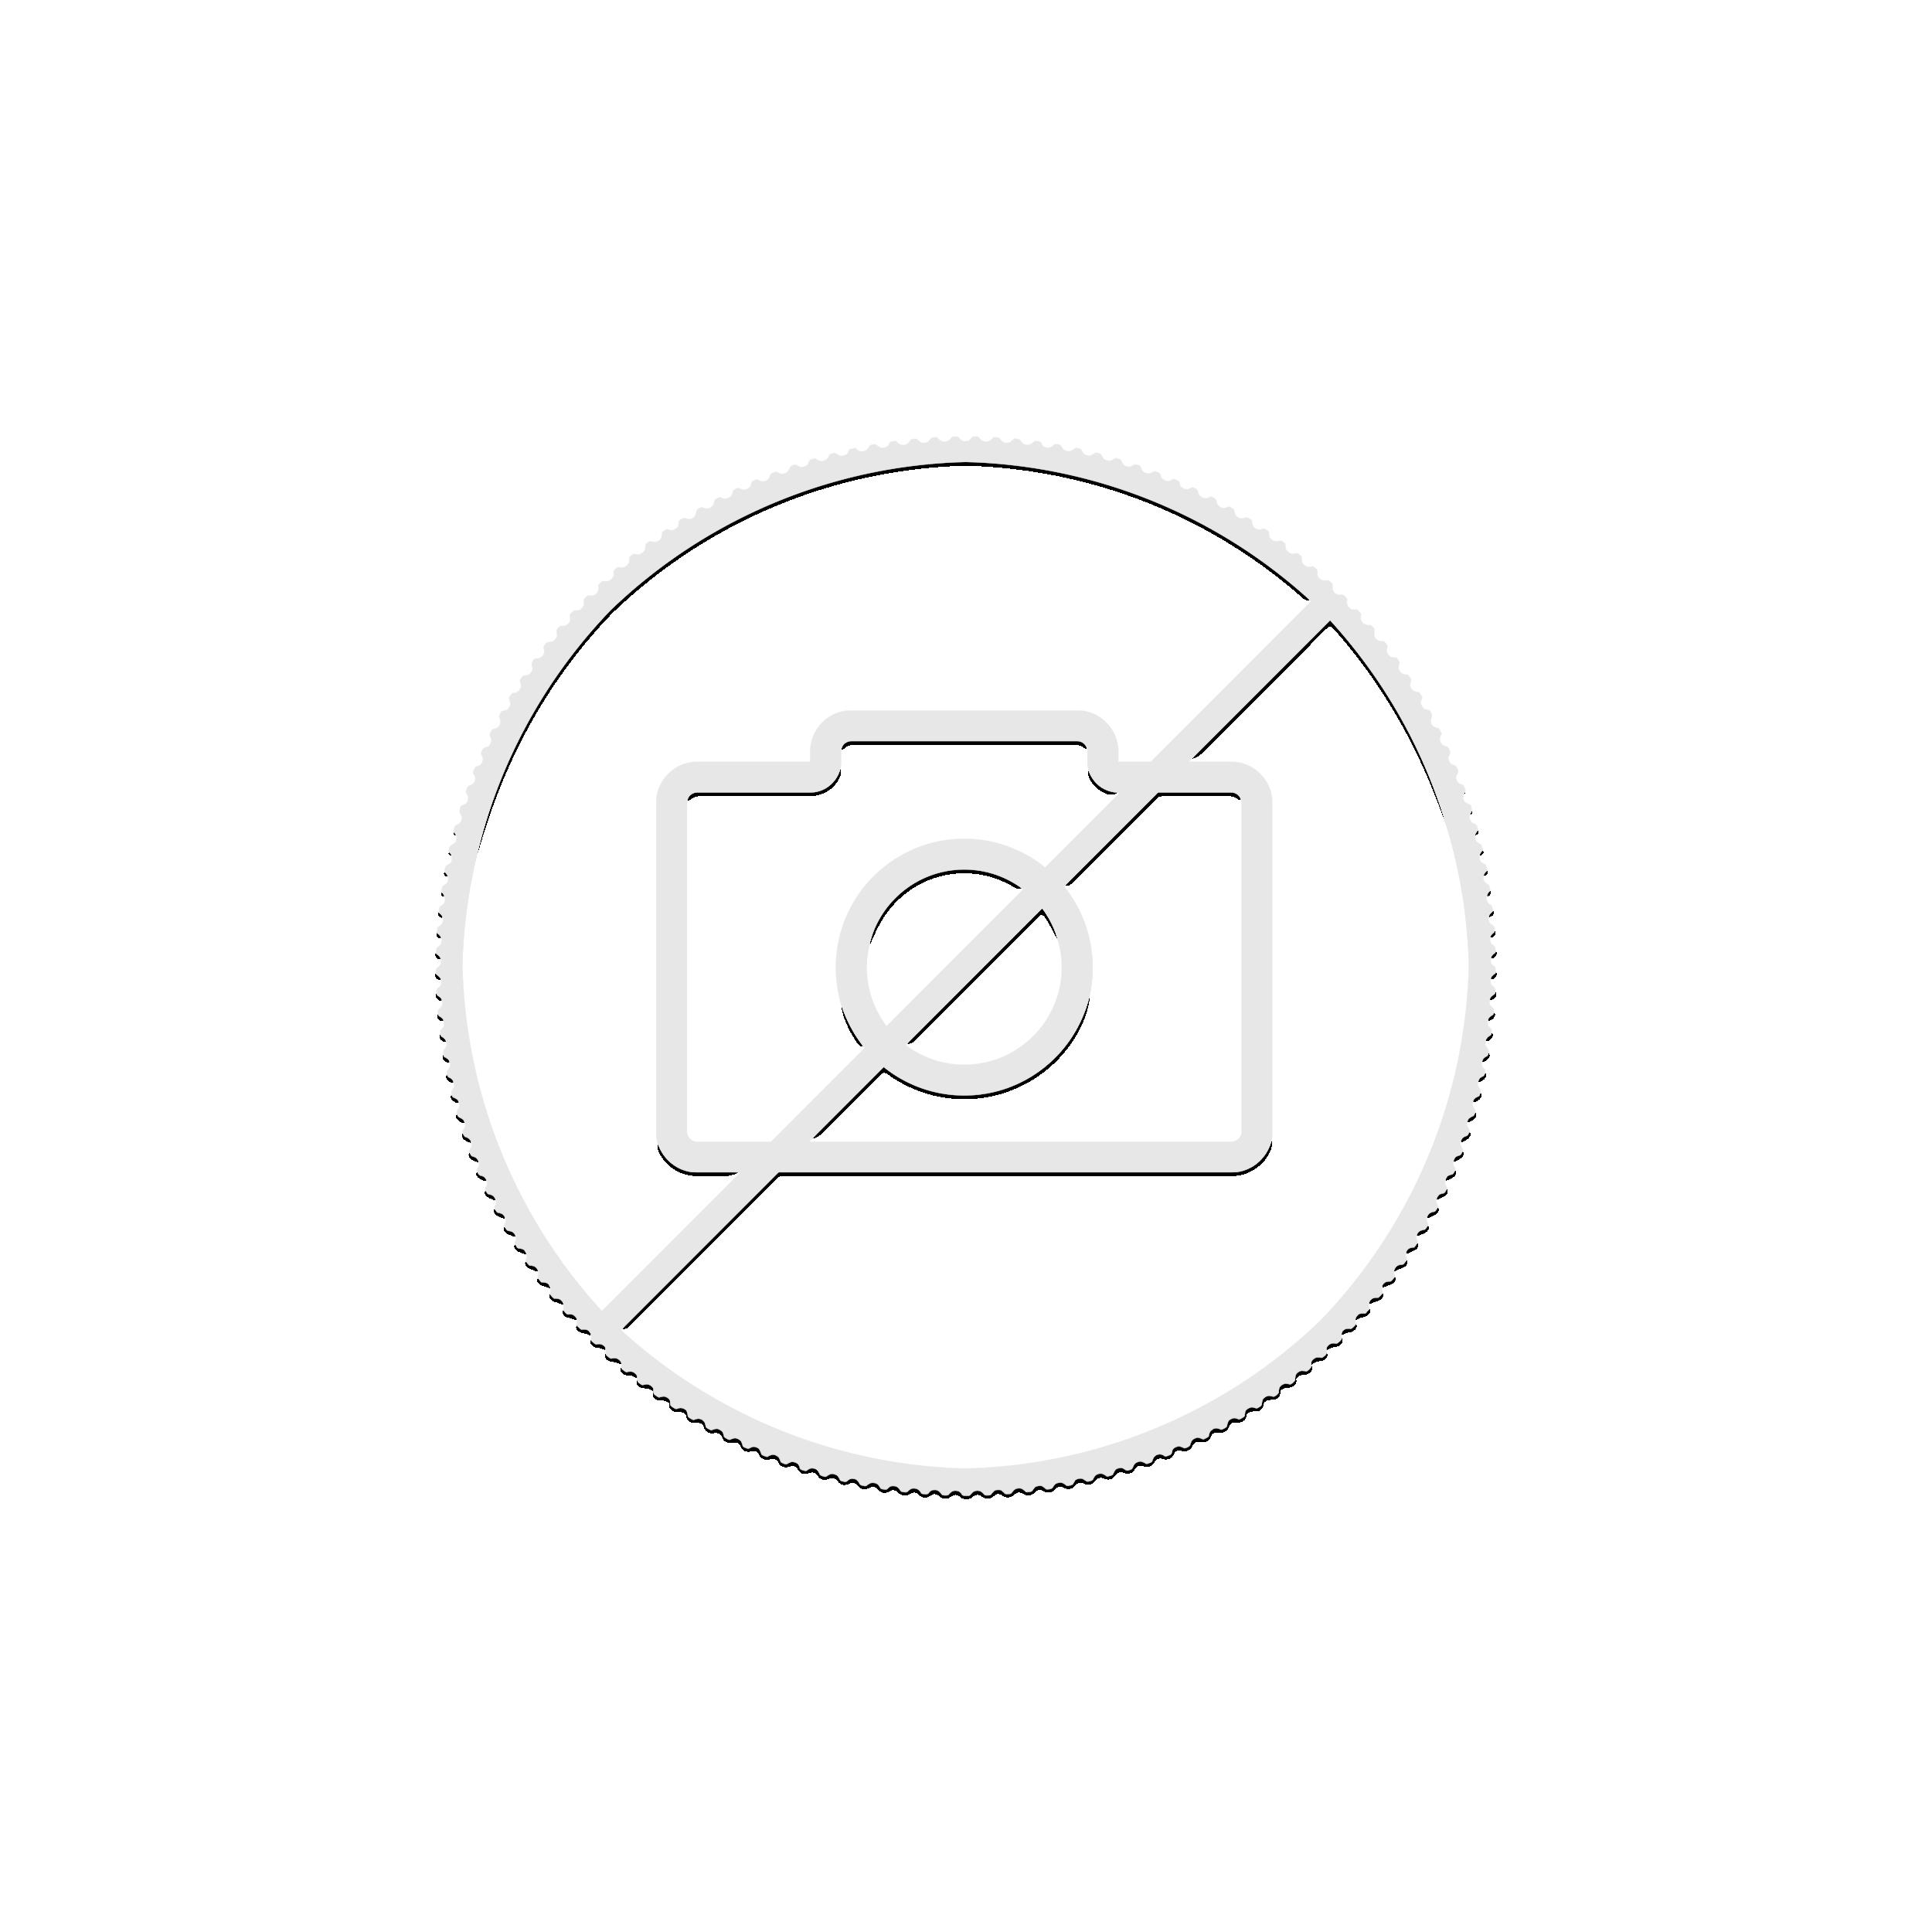 1 Kilo silver coin Koala 2019